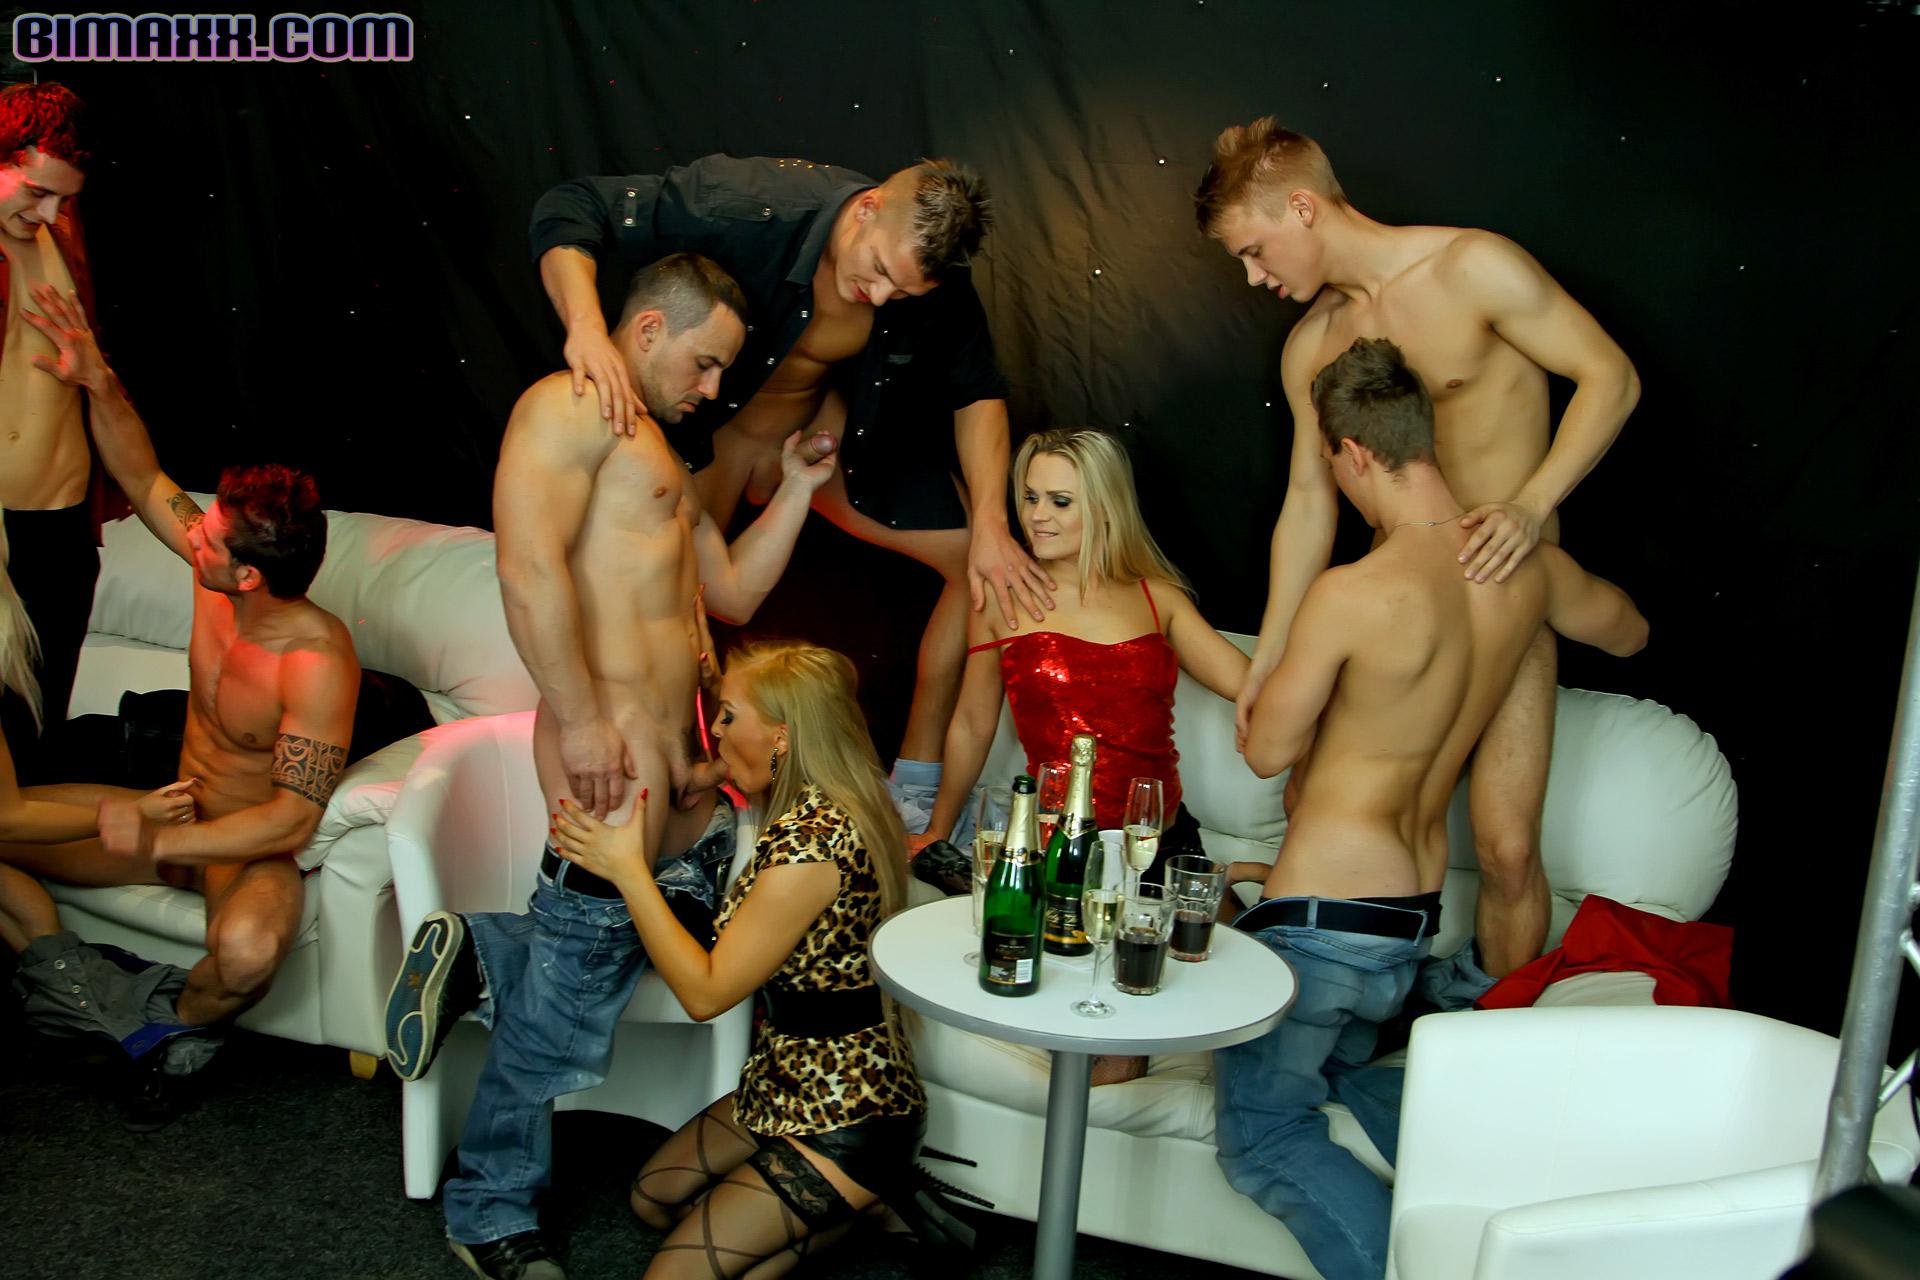 Смотреть онлайн жёсткая вечеринка, Порно вечеринки - бесстыдные Секс Вечеринки пьяных 6 фотография